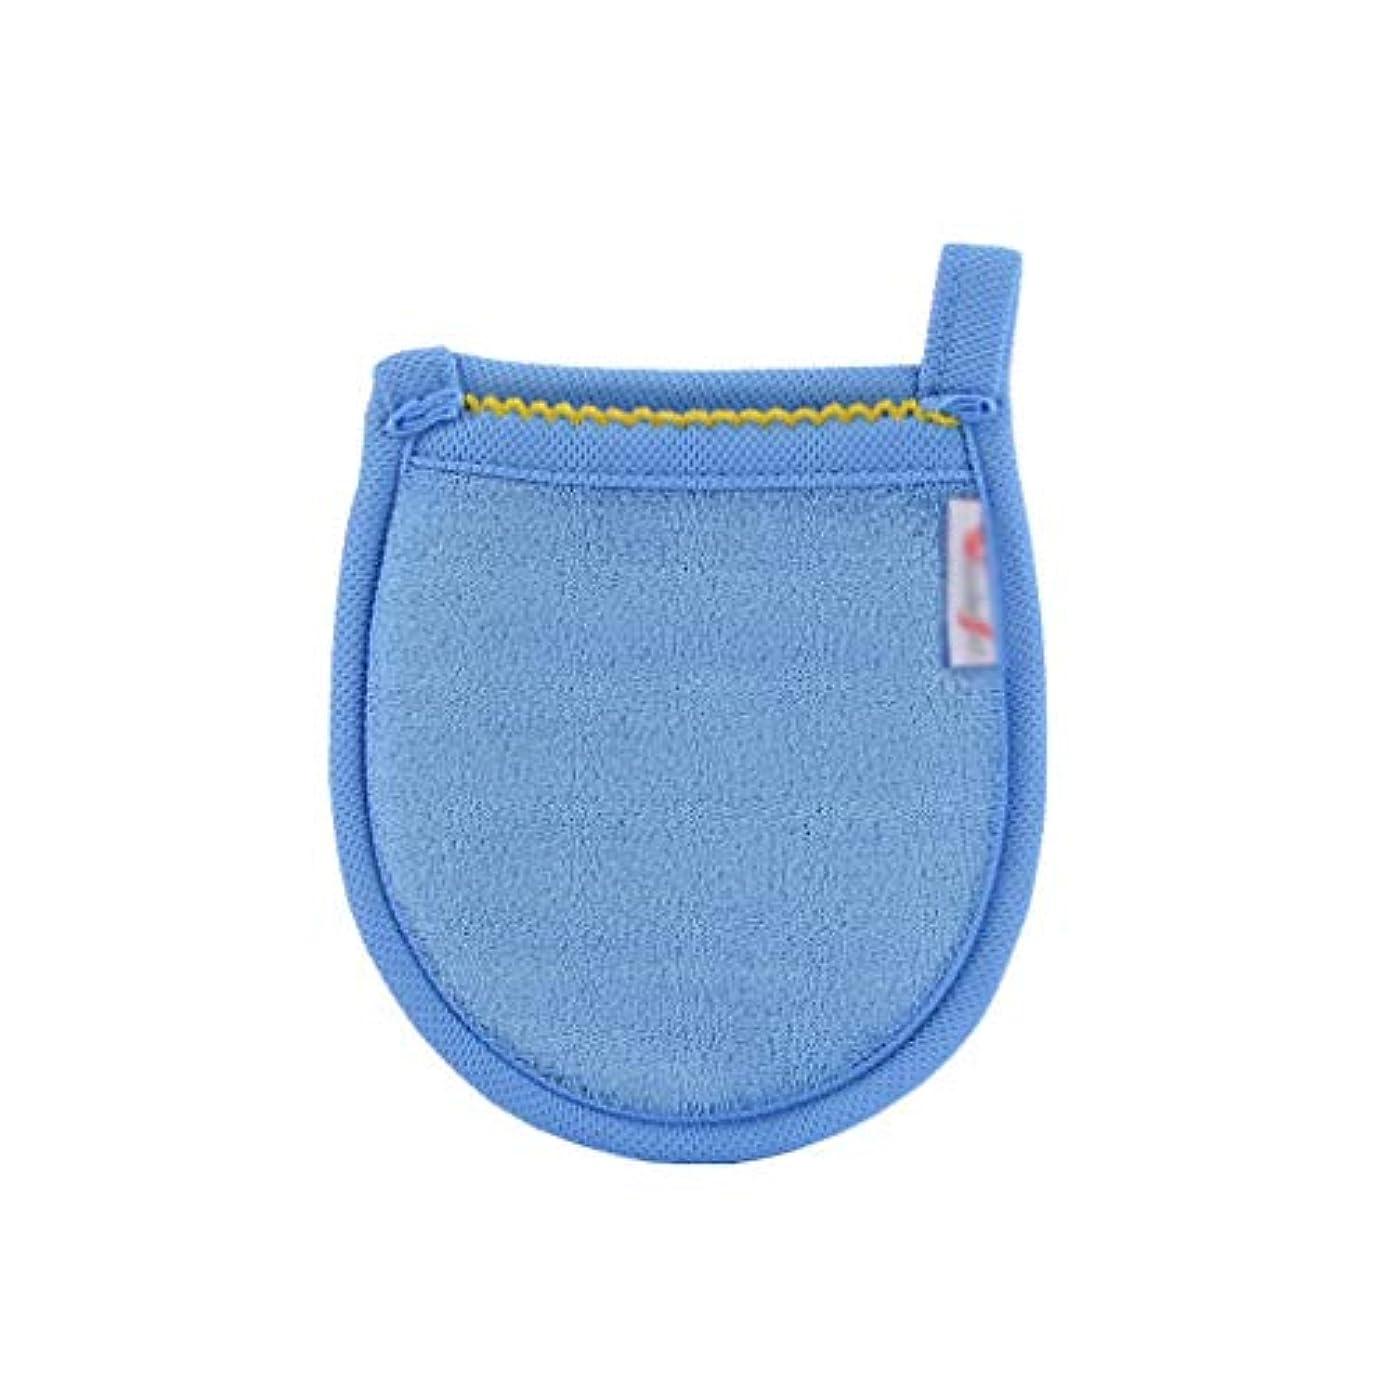 アクセサリー従事したセラークレンジングシート 1ピースフェイスタオルメイクアップ - リムーバークレンジンググローブ再利用可能なマイクロファイバー女性フェイシャルクロス5色 落ち水クレンジング シート モイスト (Color : Blue)